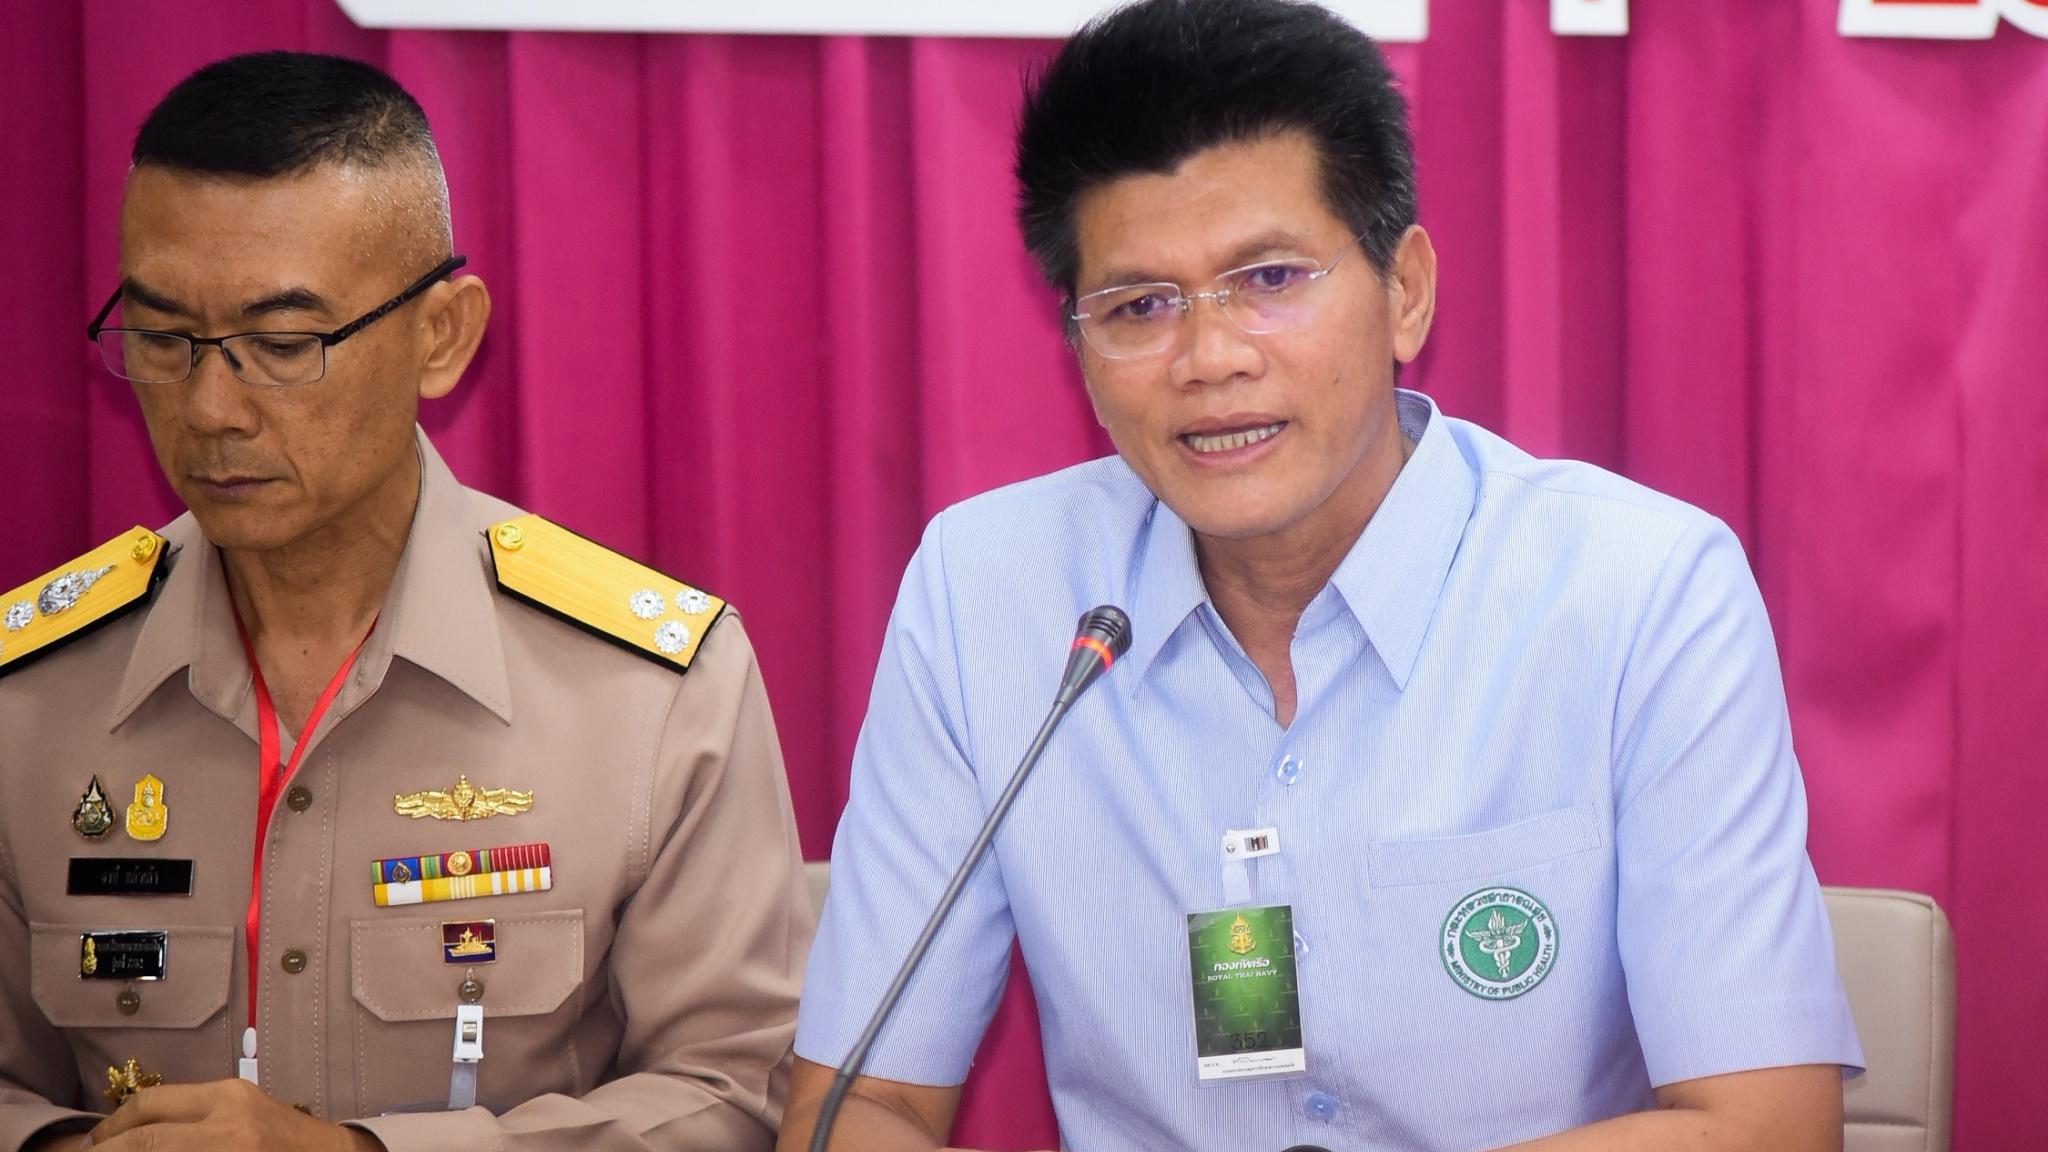 ข่าวสดวันนี้ คนไทยจากอู่ฮัน เชื้อโควิด-19